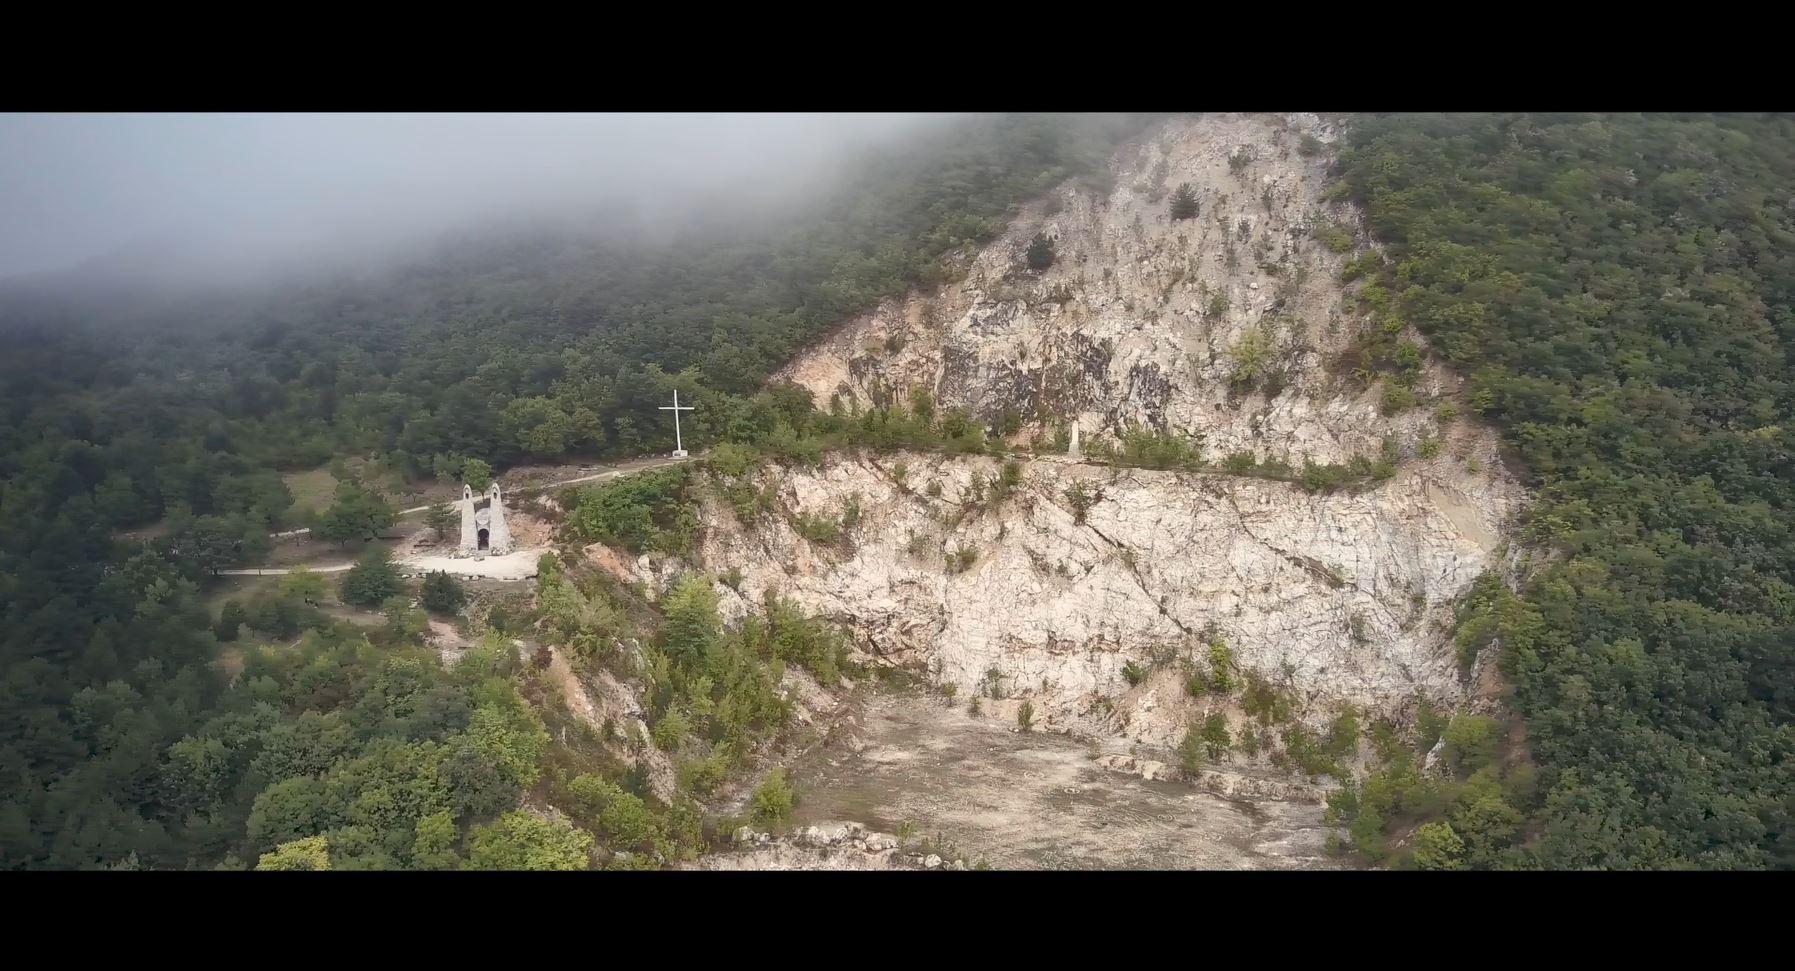 Egy év a levegőből a Pilis hegység gyöngyszeméről, Pilisszántóról